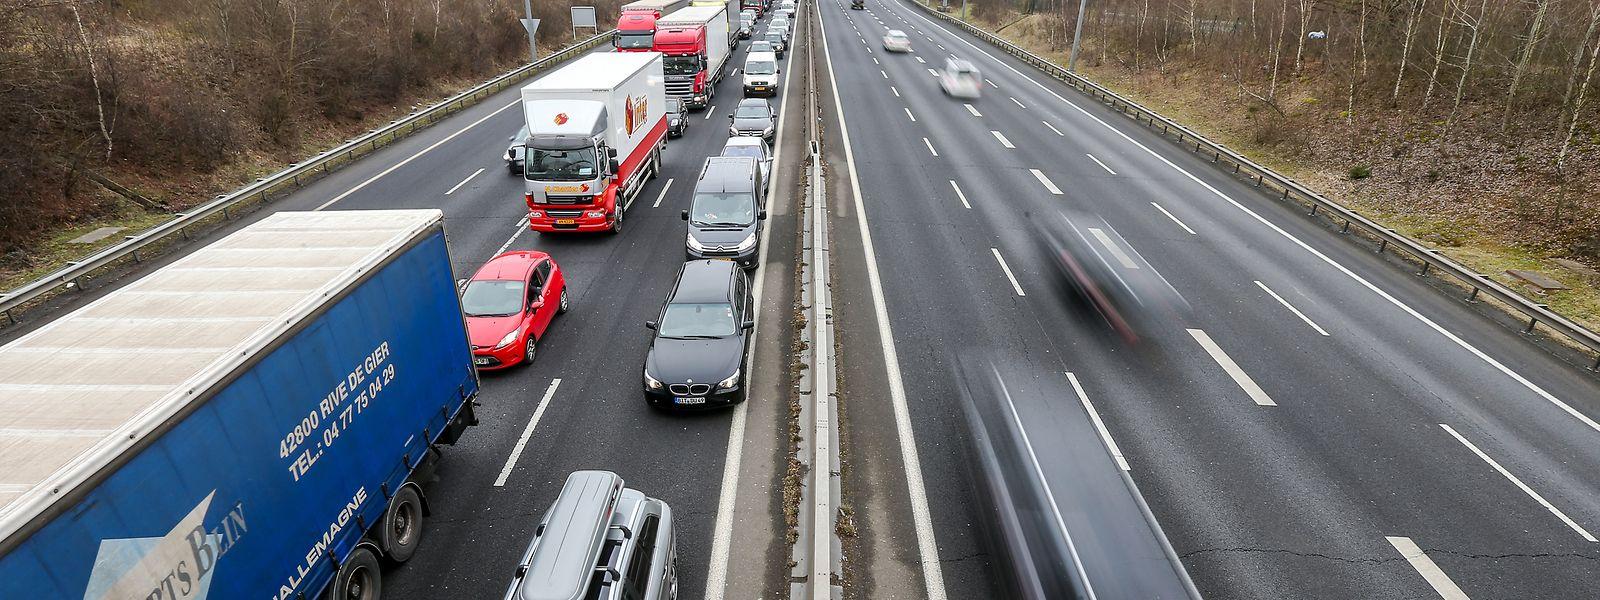 C'est principalement dans le domaine des transports que la réduction sera la plus sensible, avec 2.226 milliers de tonnes d'émissions de moins d'ici 10 ans.